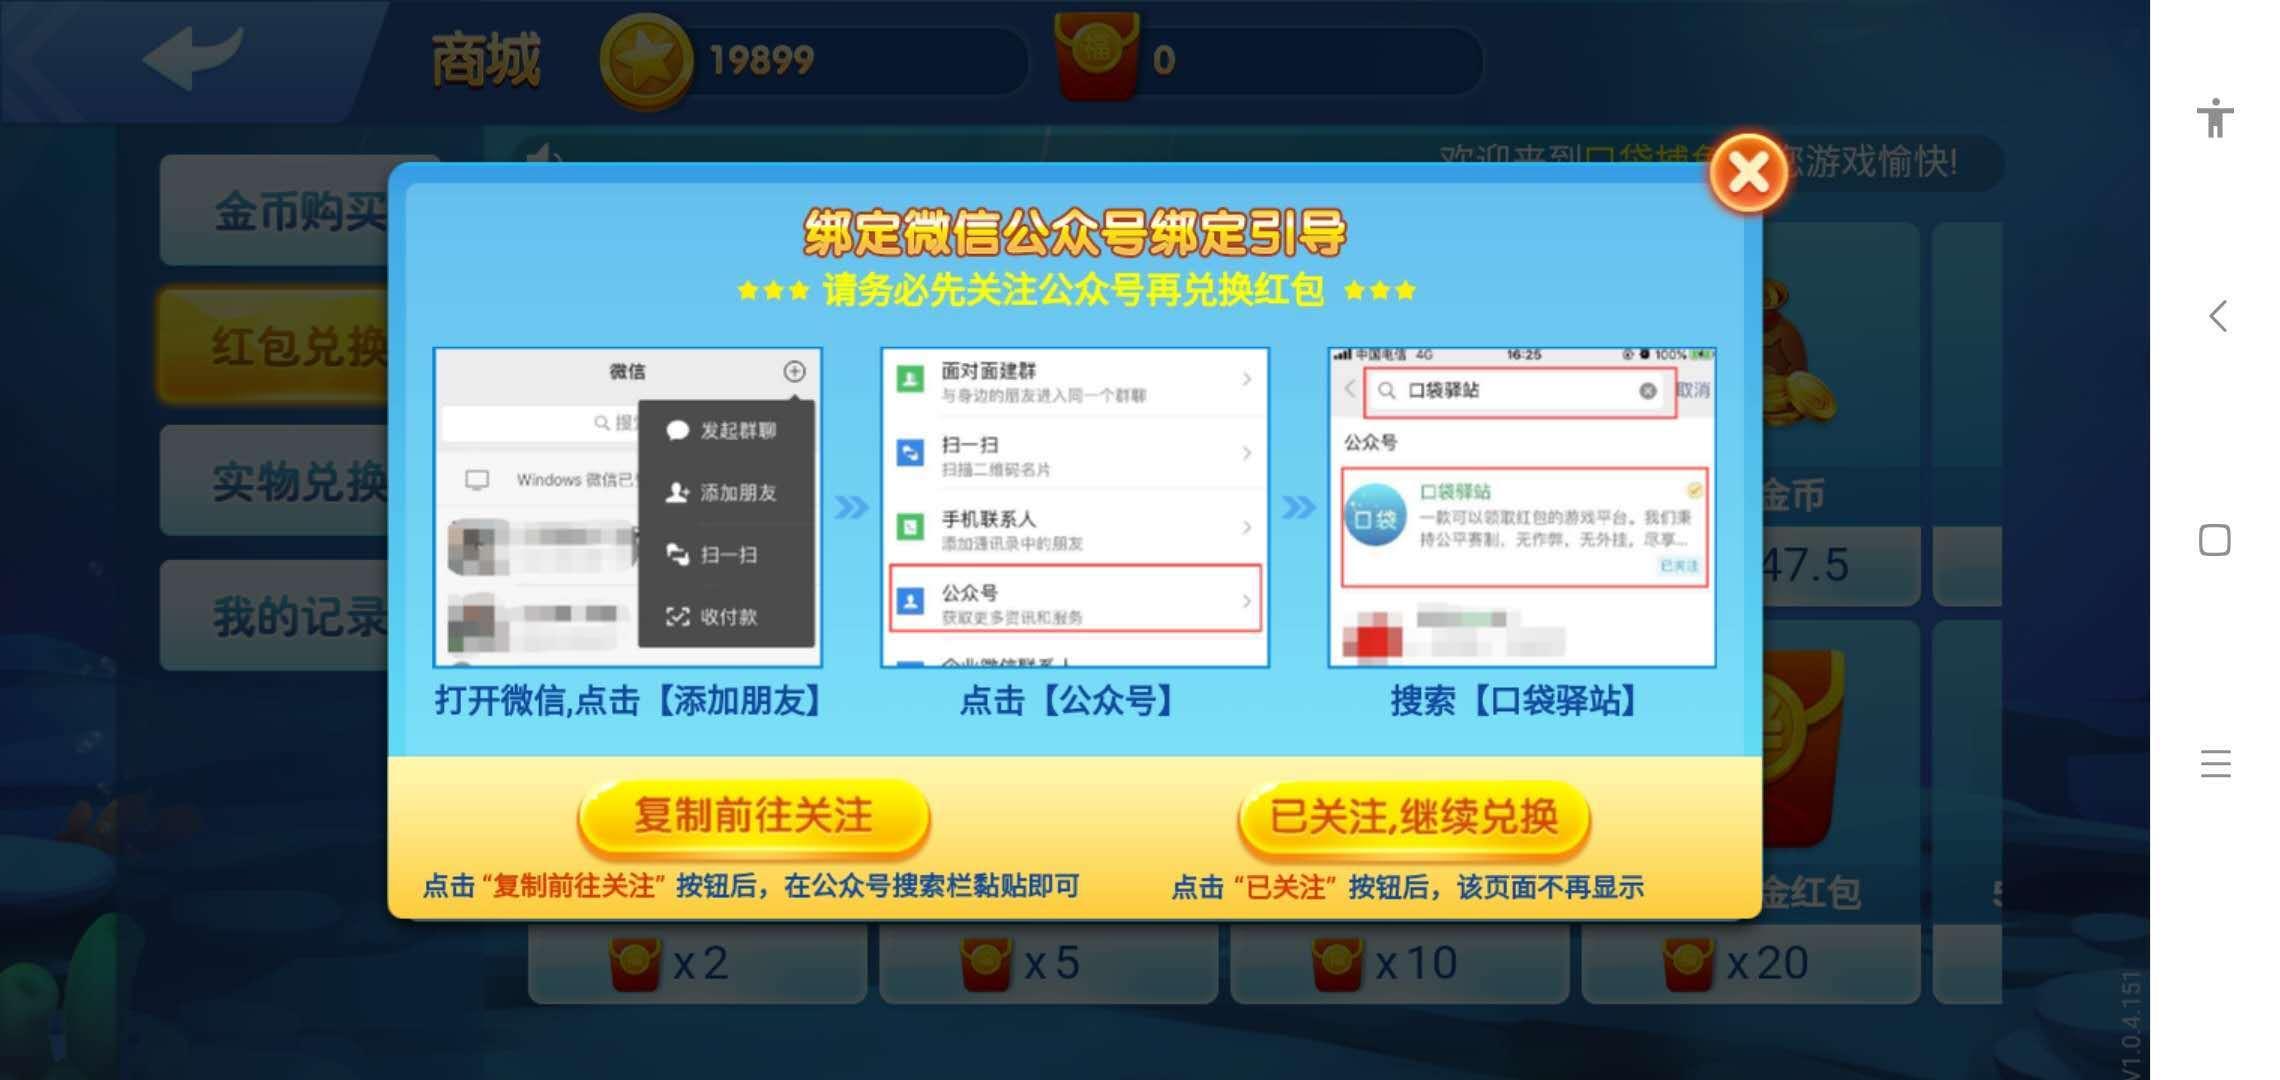 玩什么游戏可以赚钱?口袋捕鱼在线试玩秒提2元微信红包 网赚项目 第3张